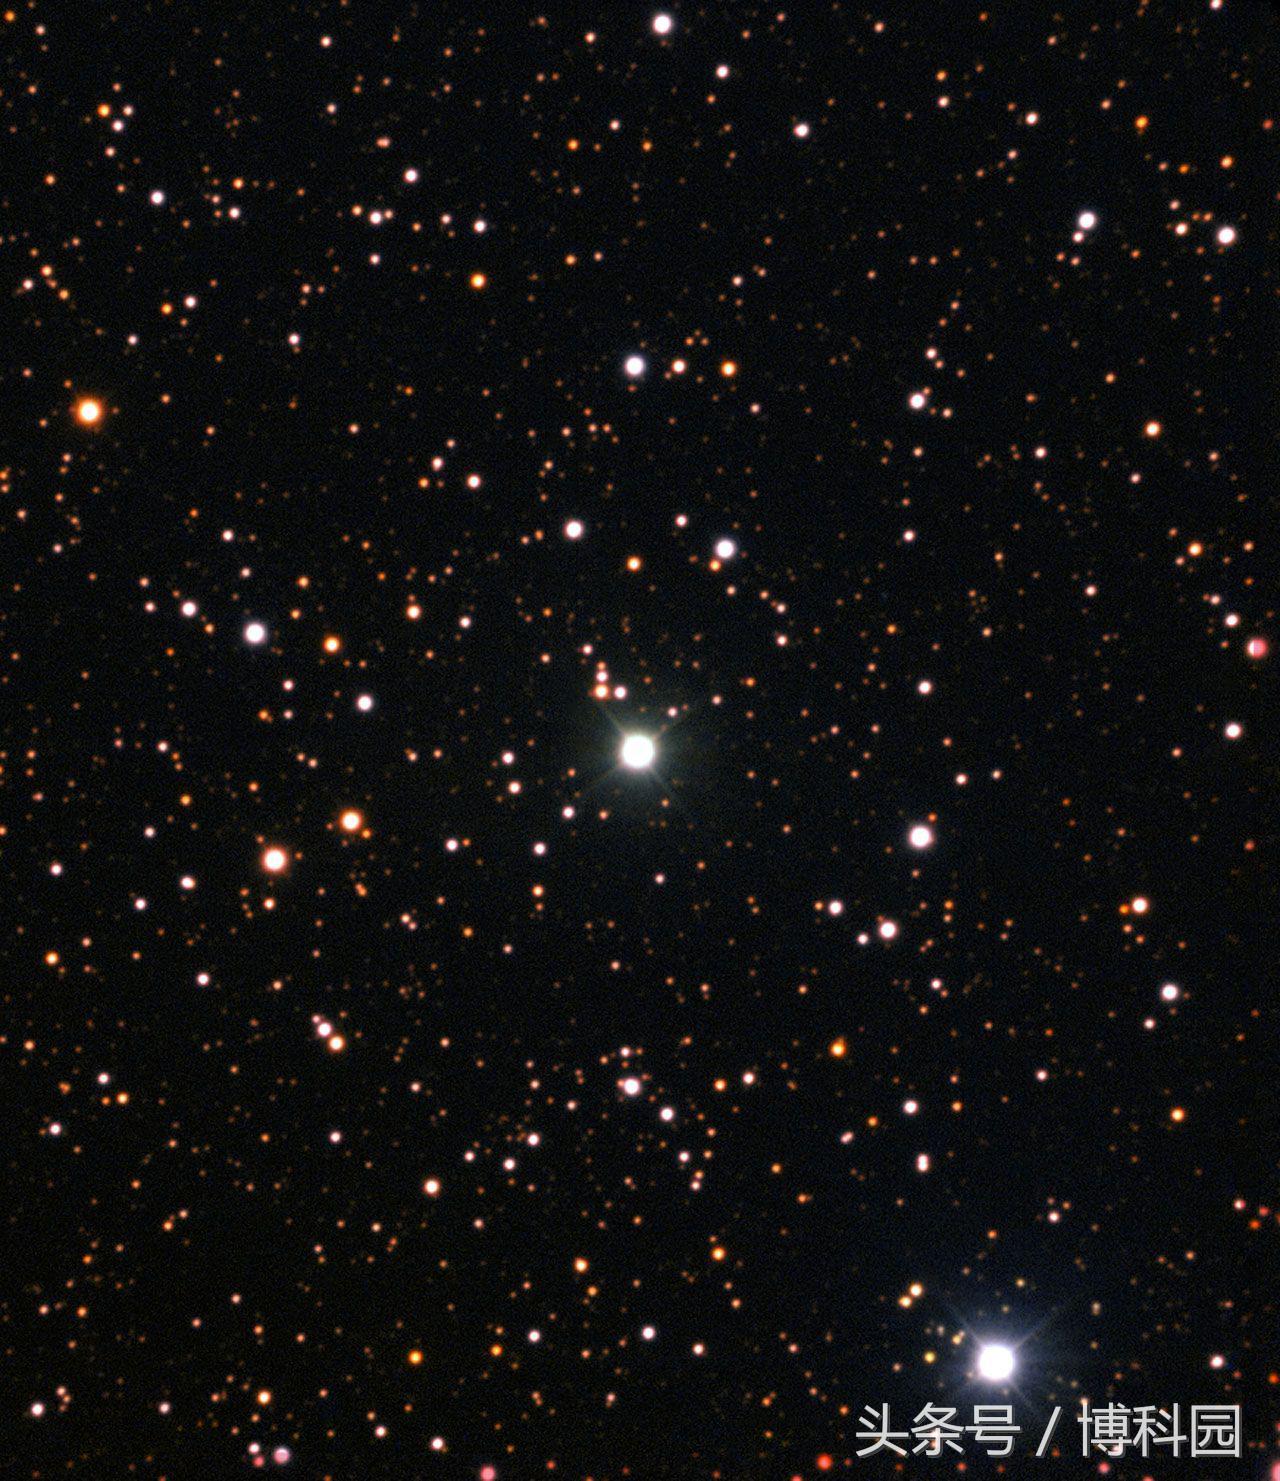 中国天文学家最新发现!宇宙已知最富锂巨星,是普通恒星的3000倍